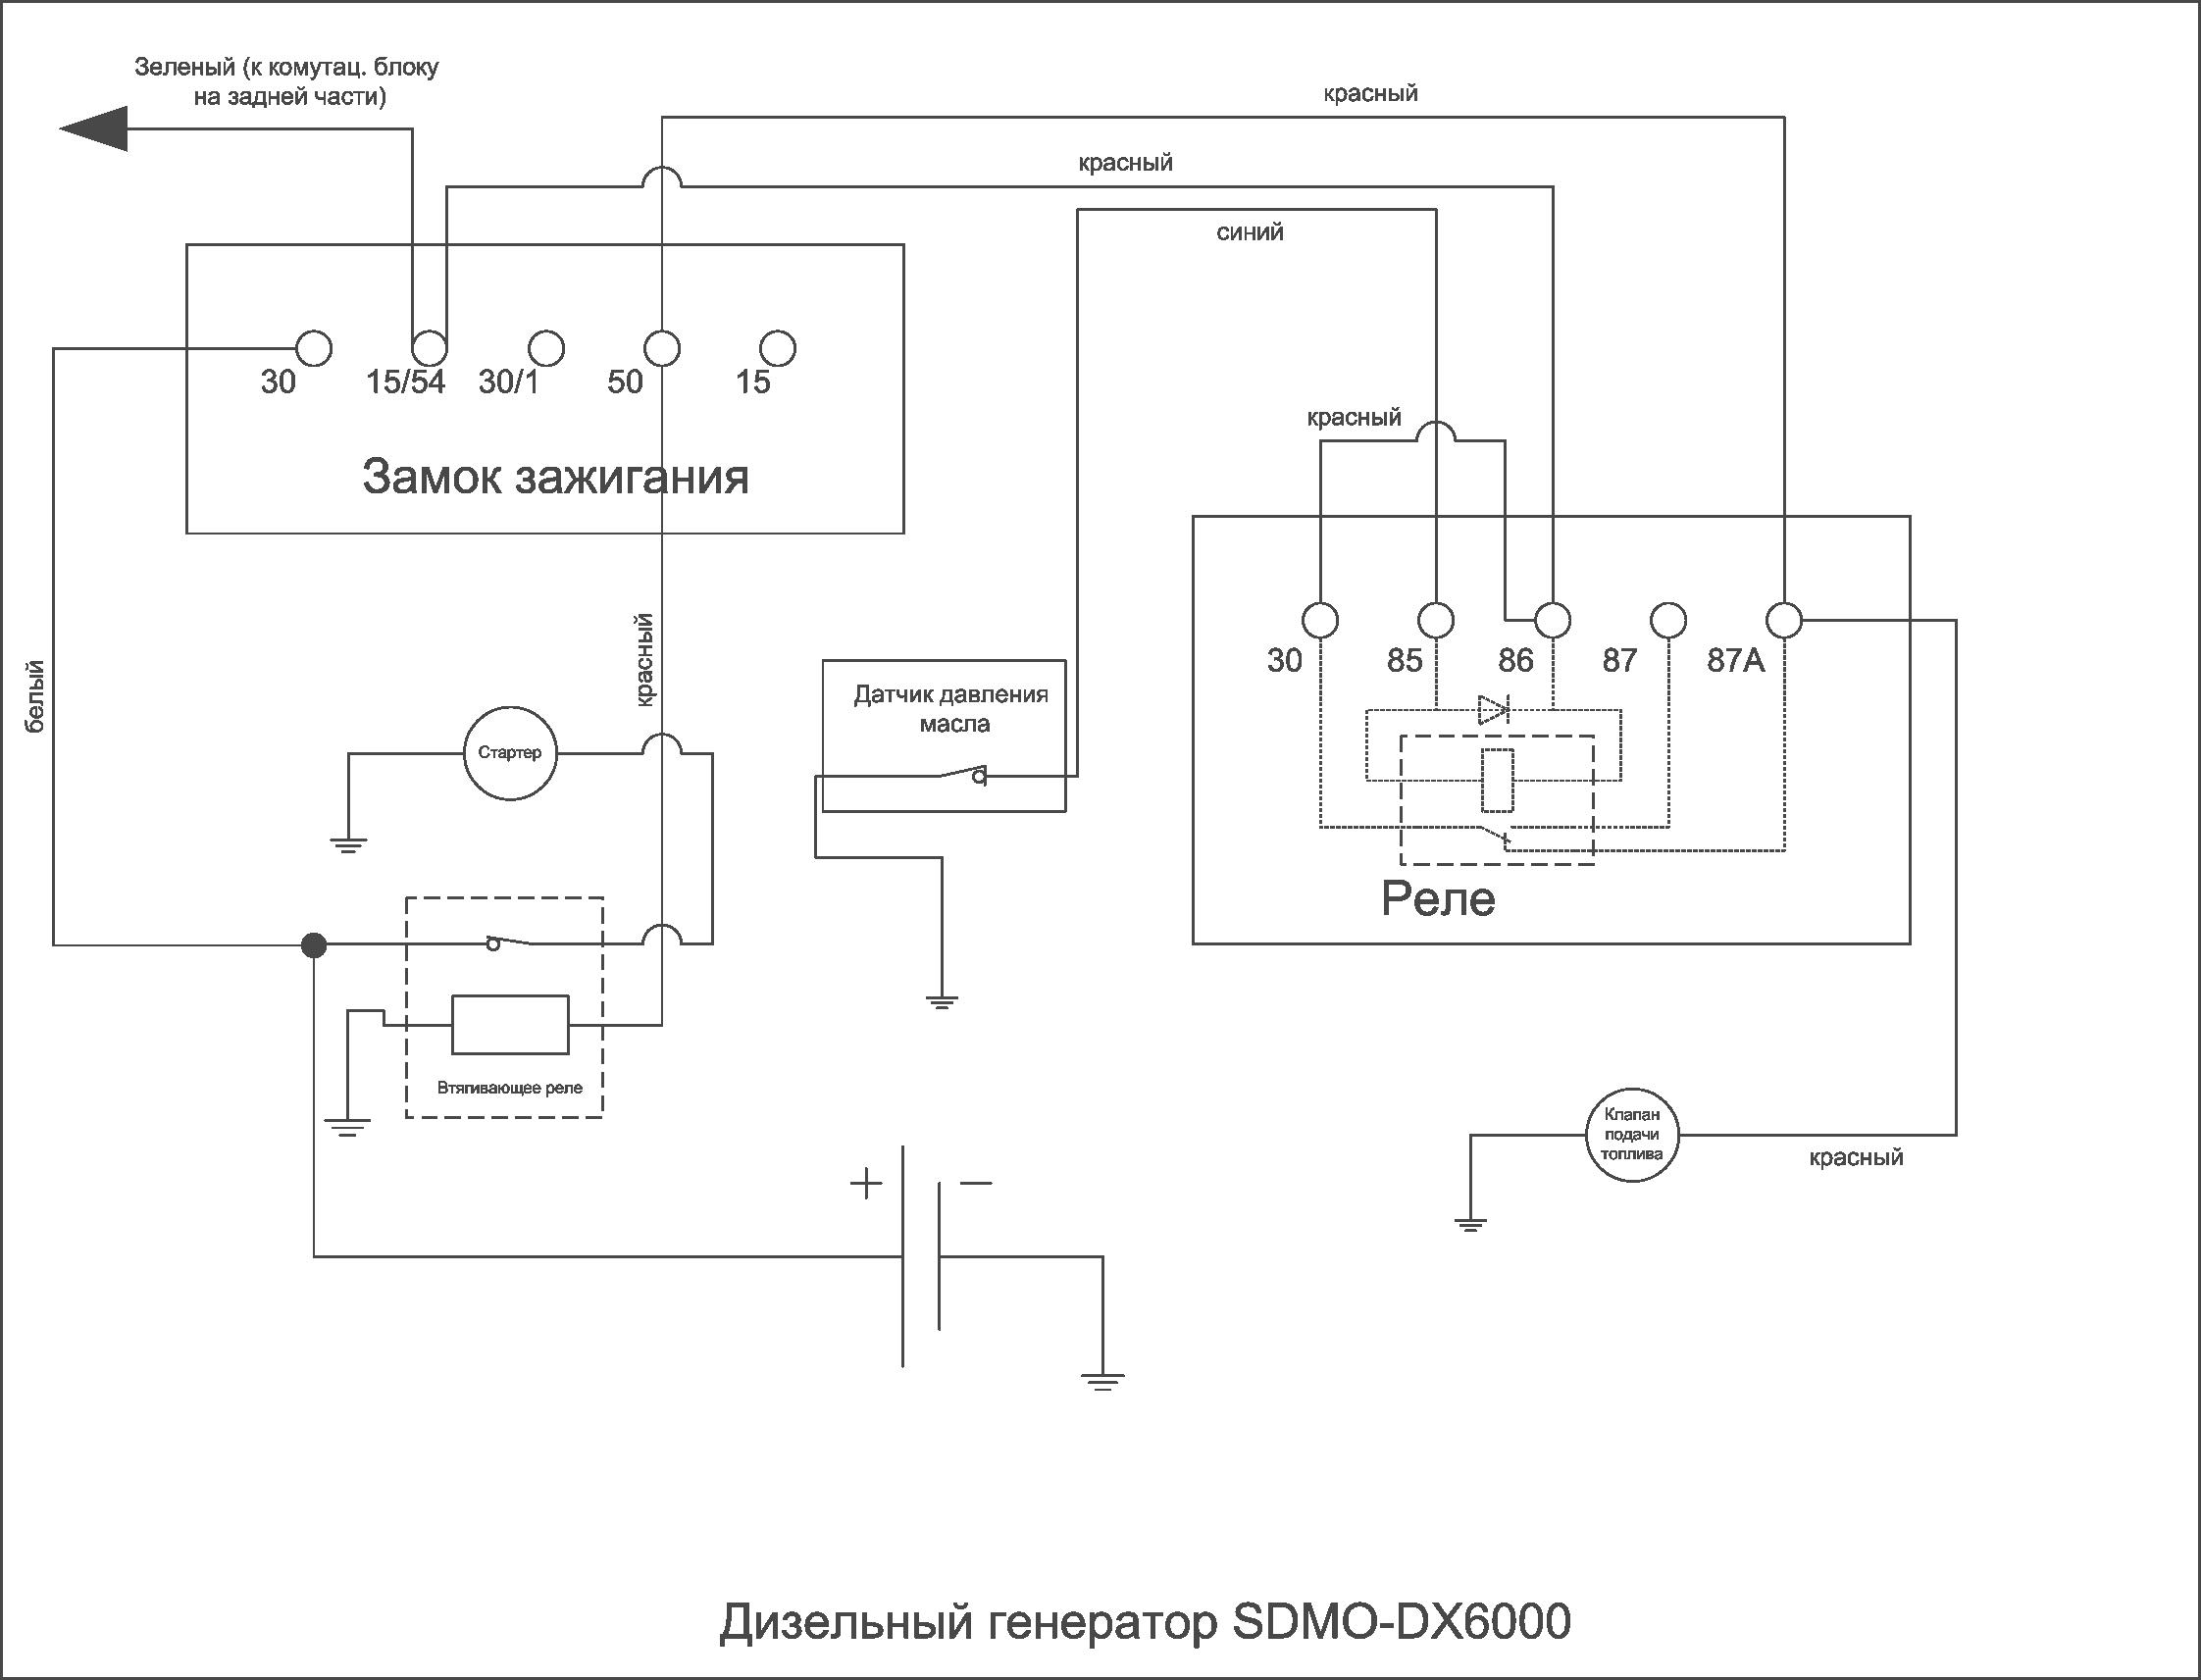 Обозначение дизель-генератора на схемах